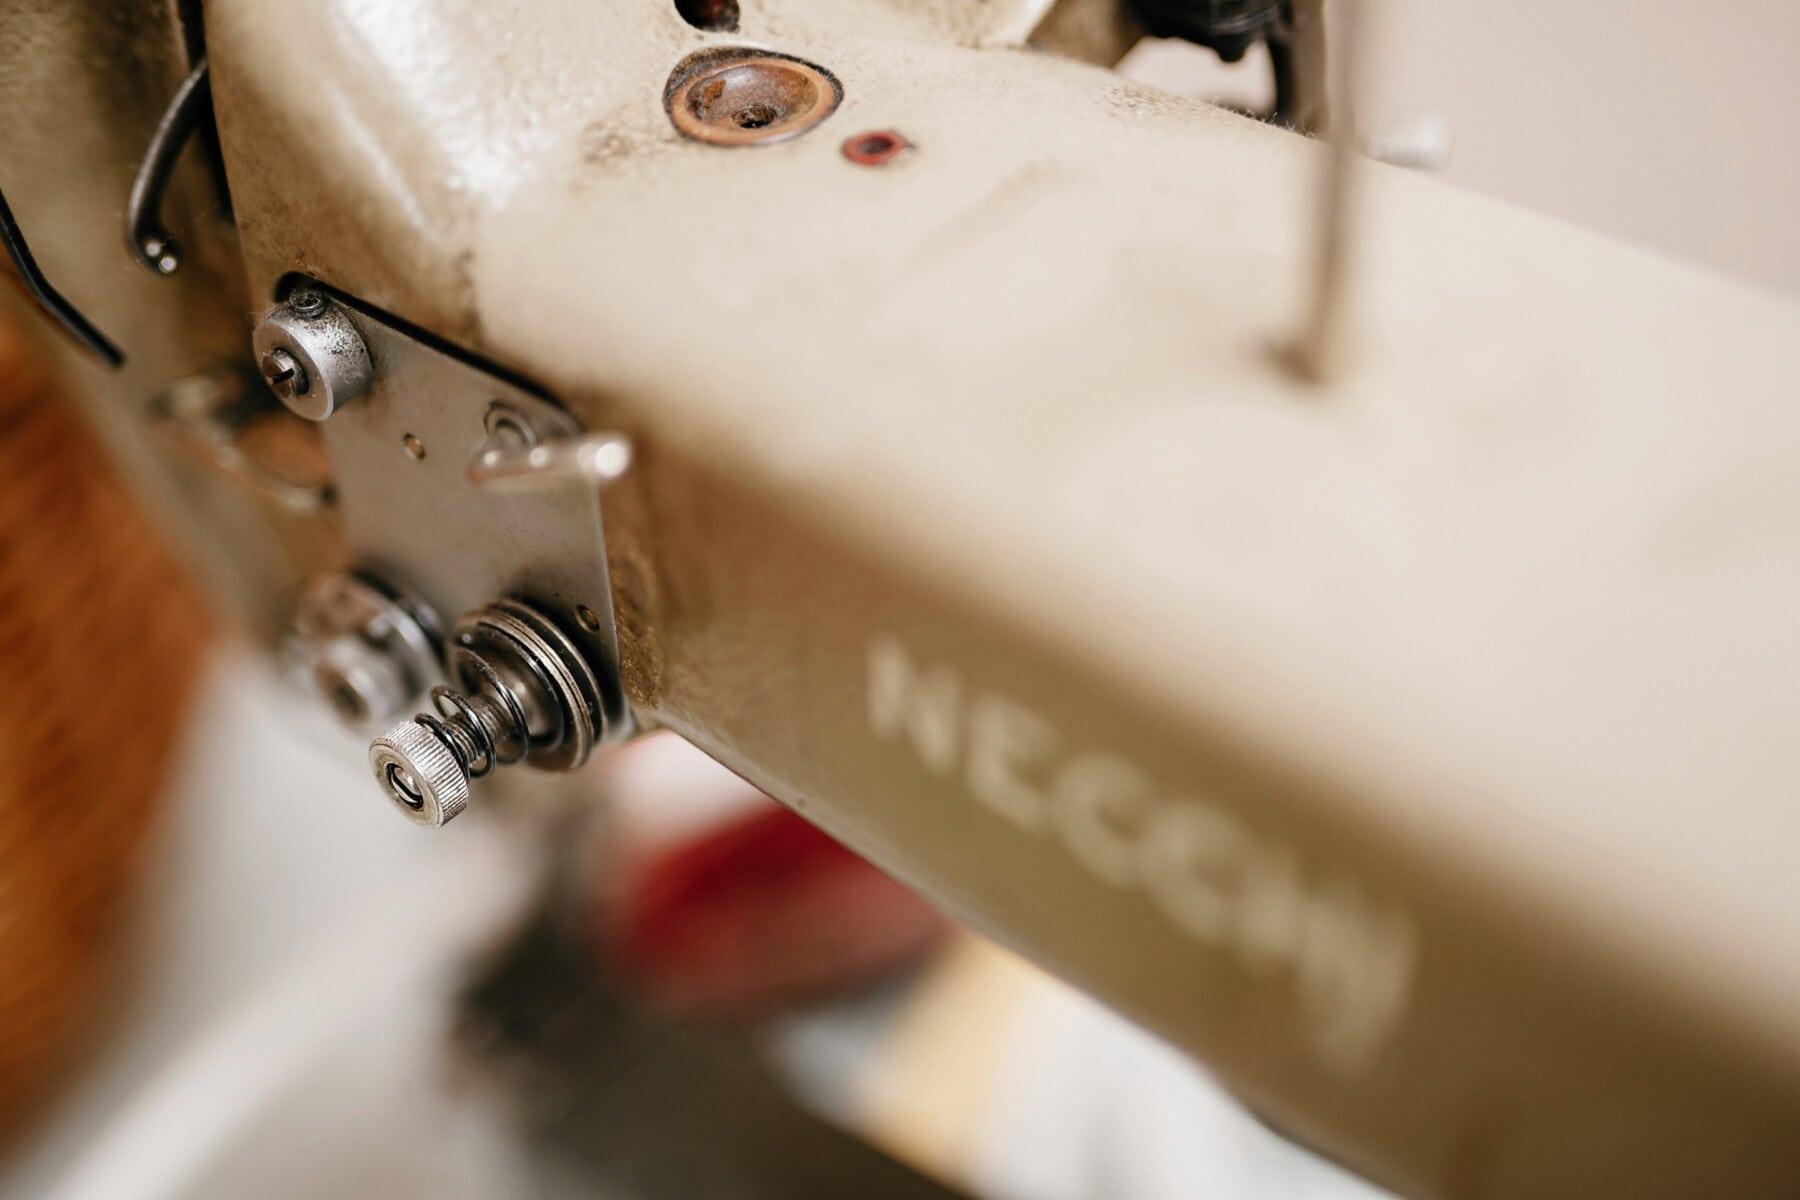 детайли, шевна машина, едър план, неръждаема стомана, закрито, устройство, мъгла, промишленост, Оборудване, едър план